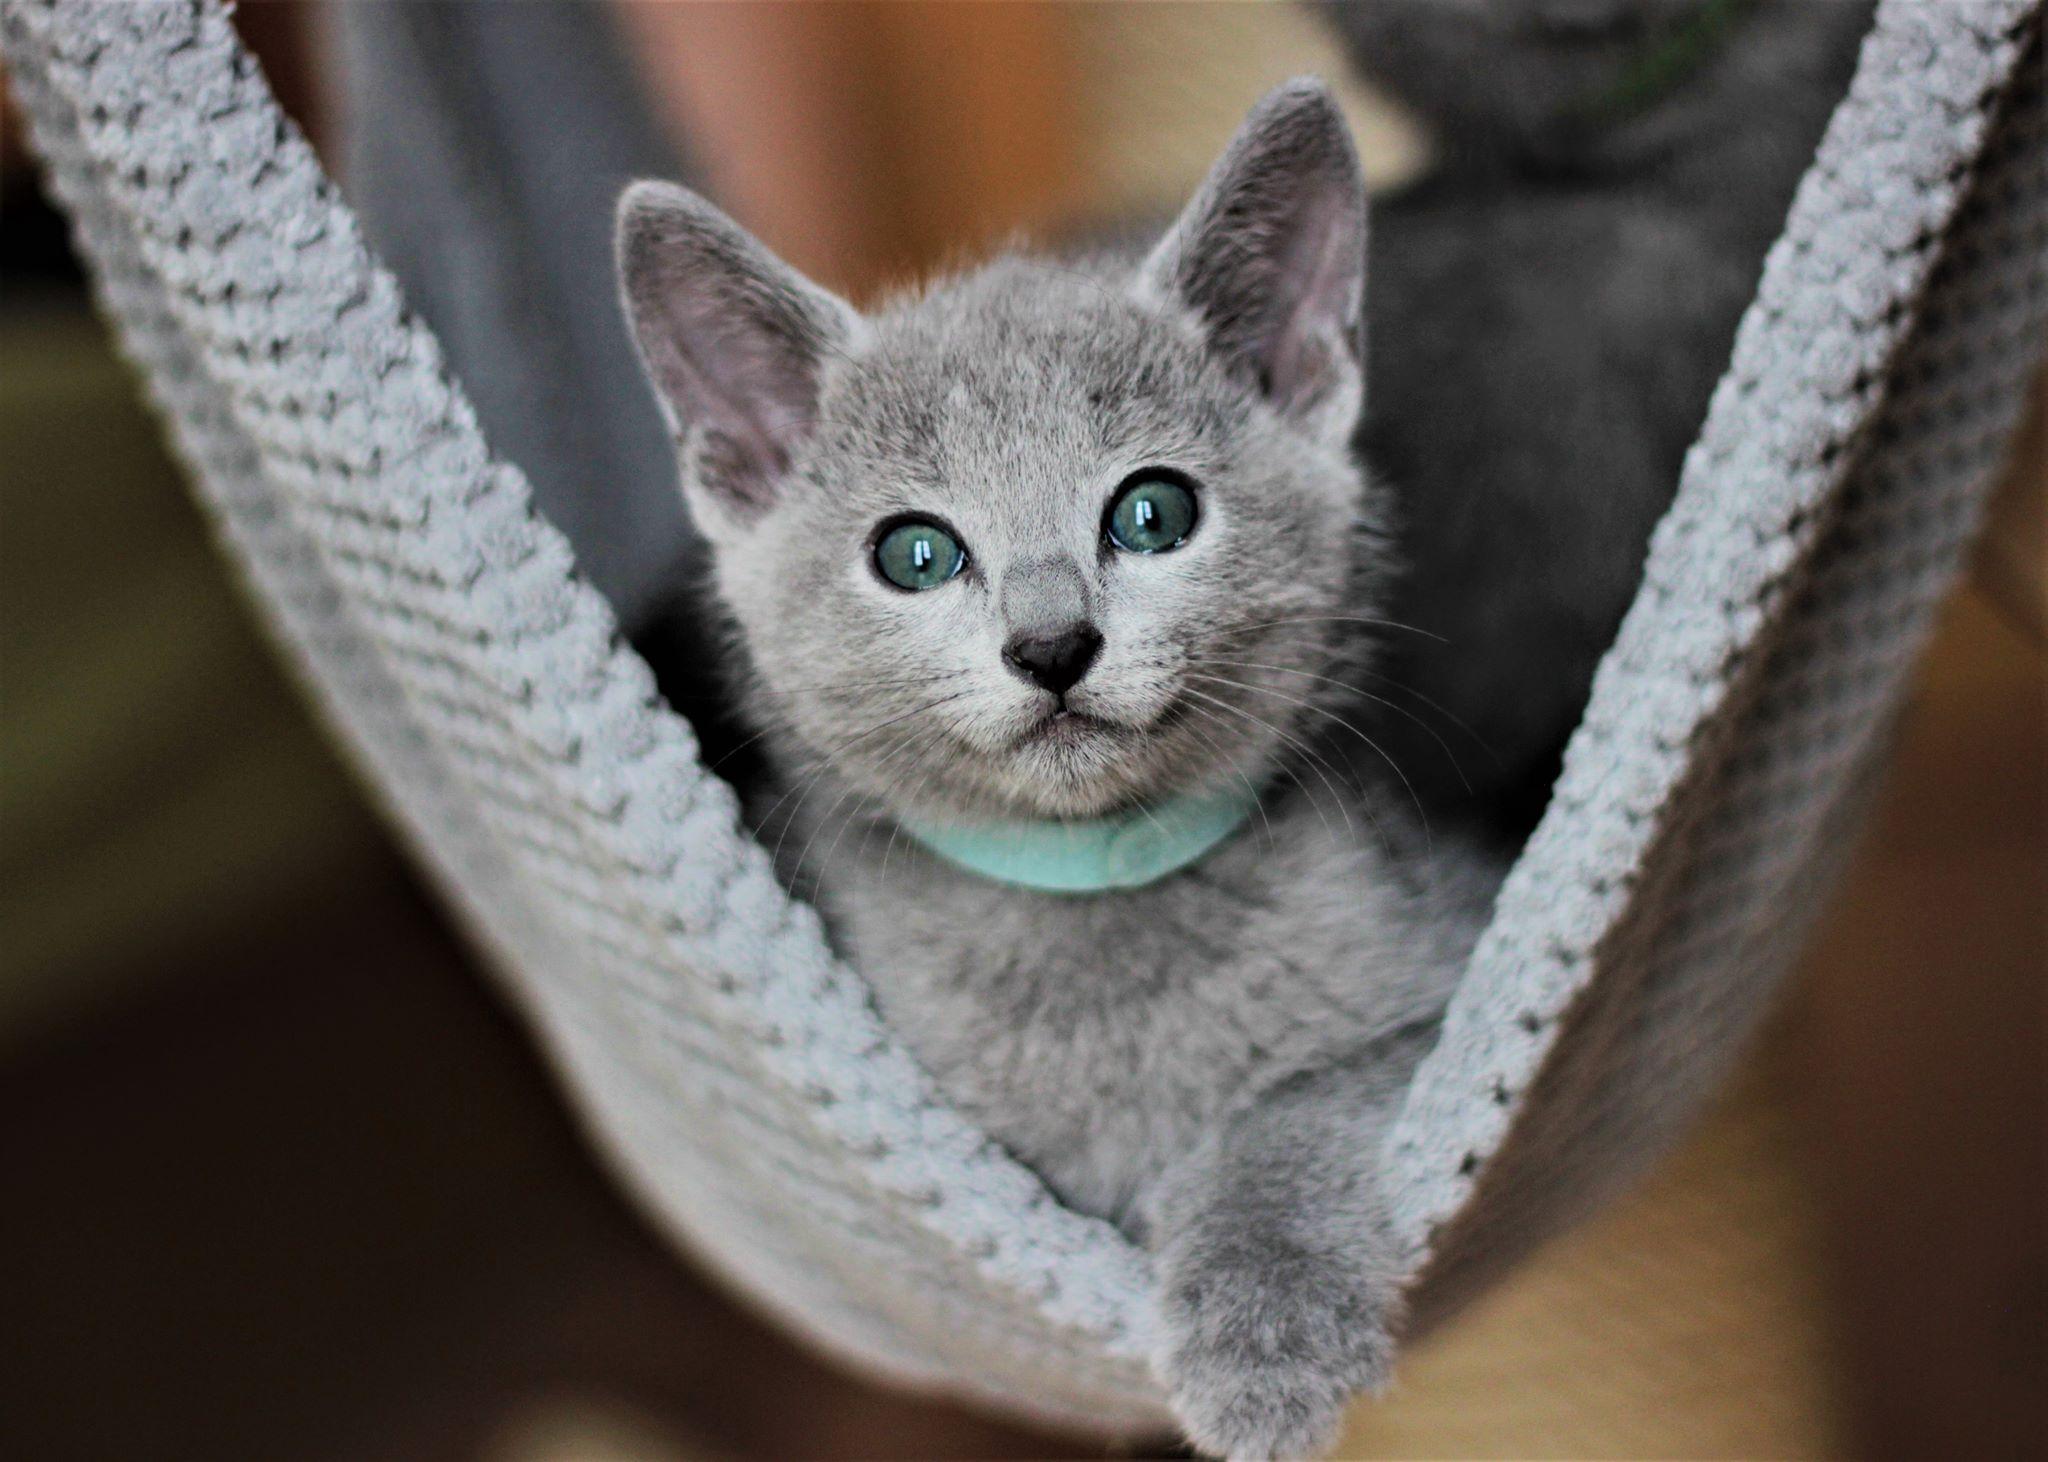 russisch blau kitten von Tobert